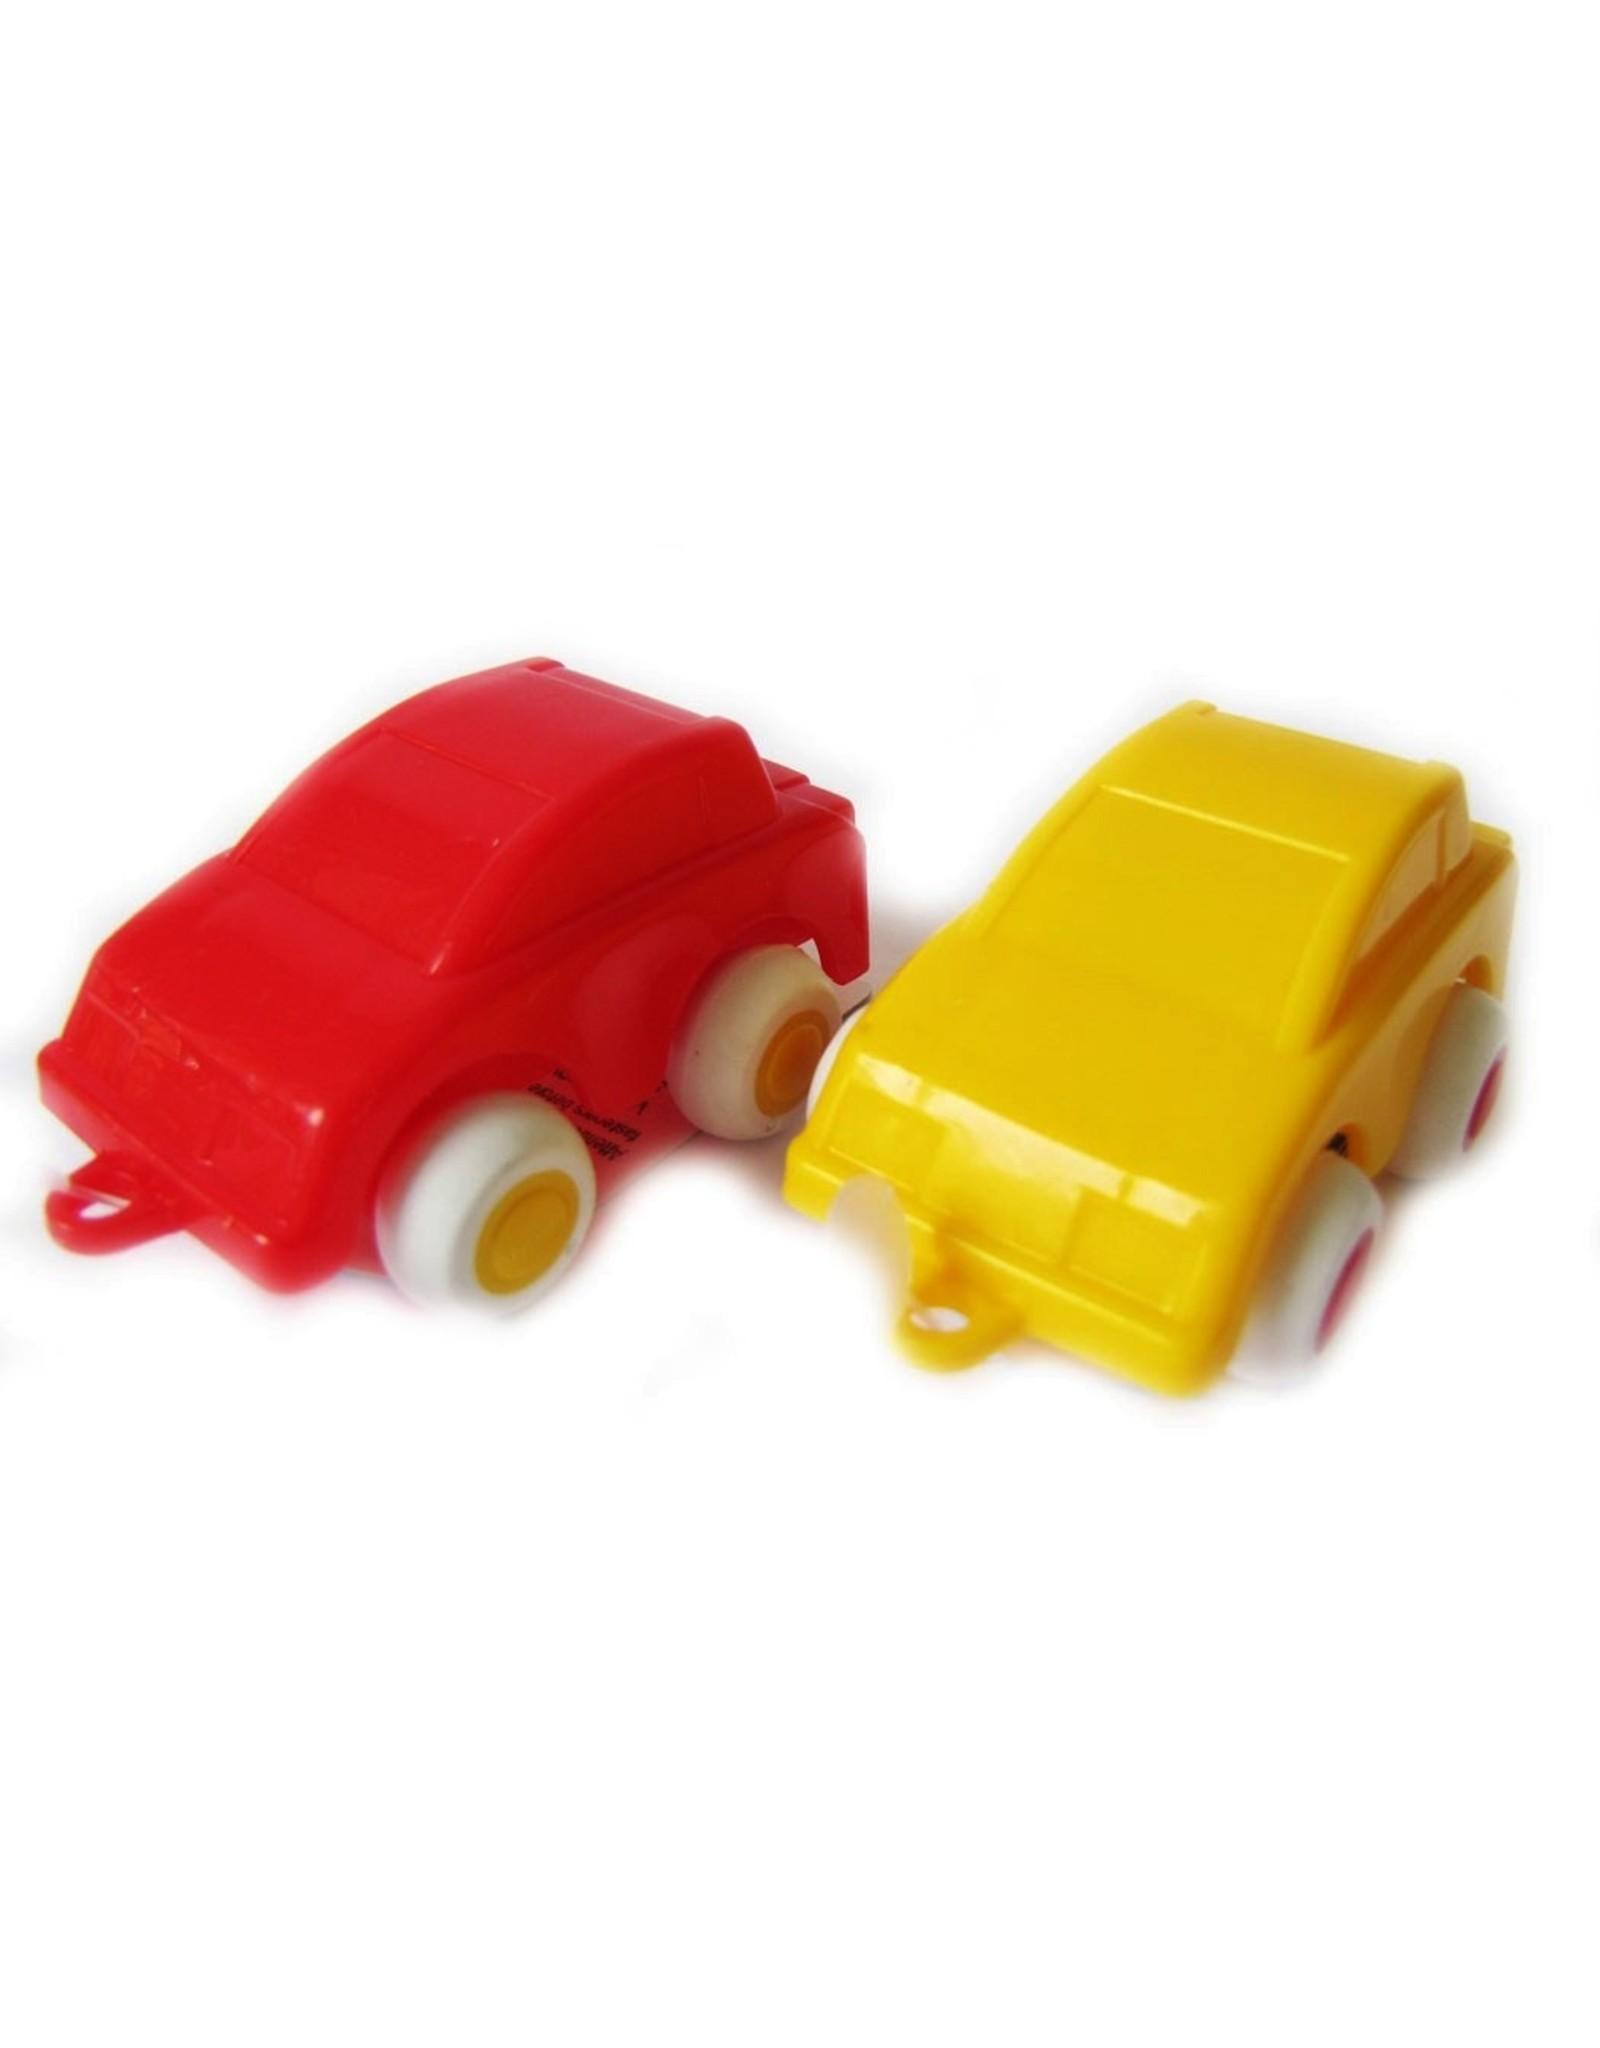 Vikingtoys - red car (7cm)